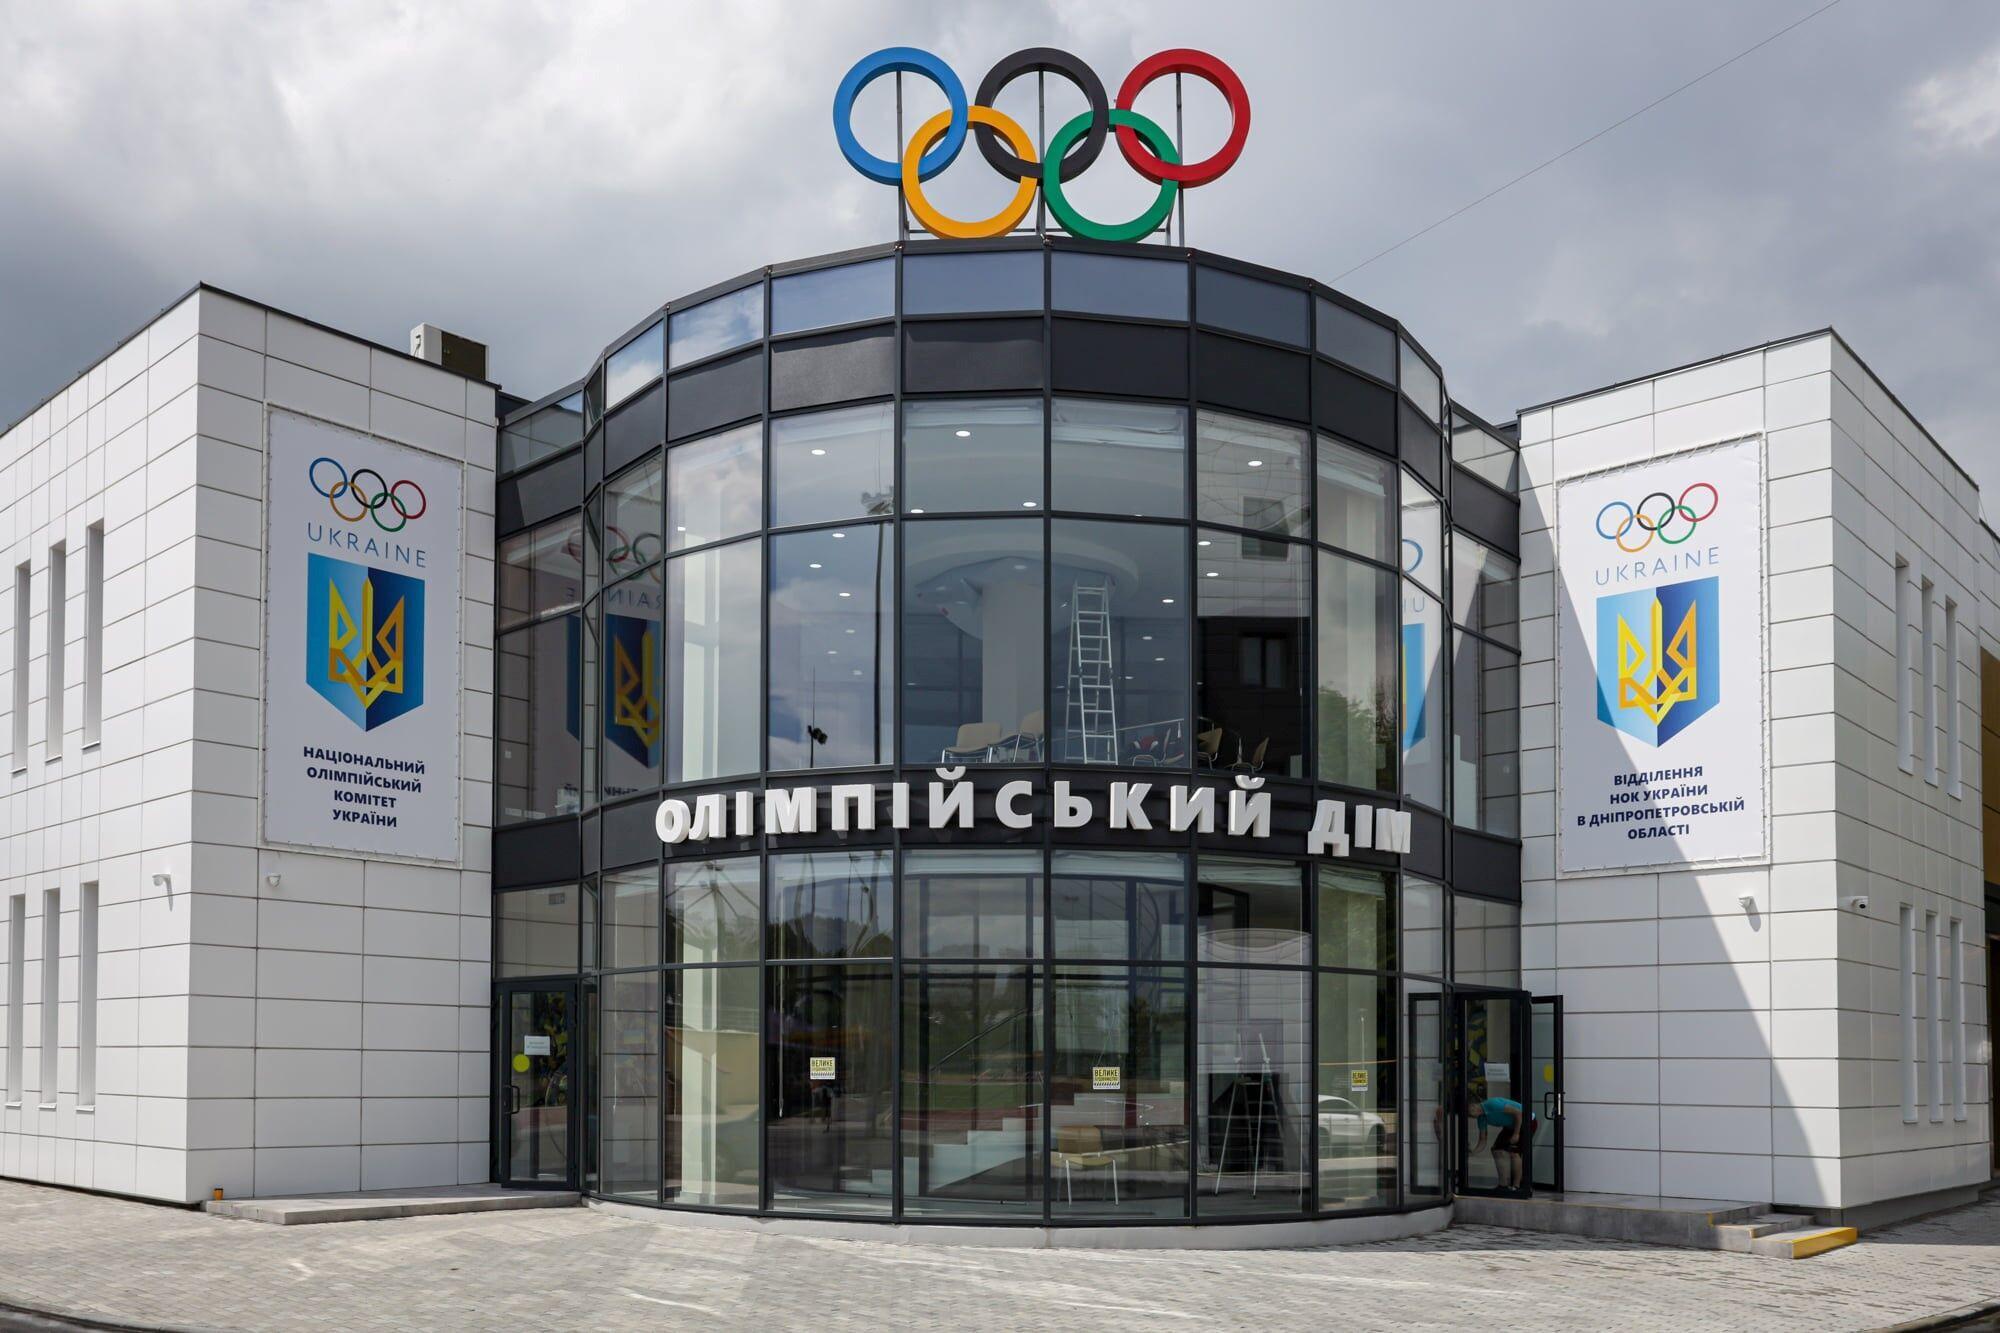 В Днепре открыли Олимпийский дом